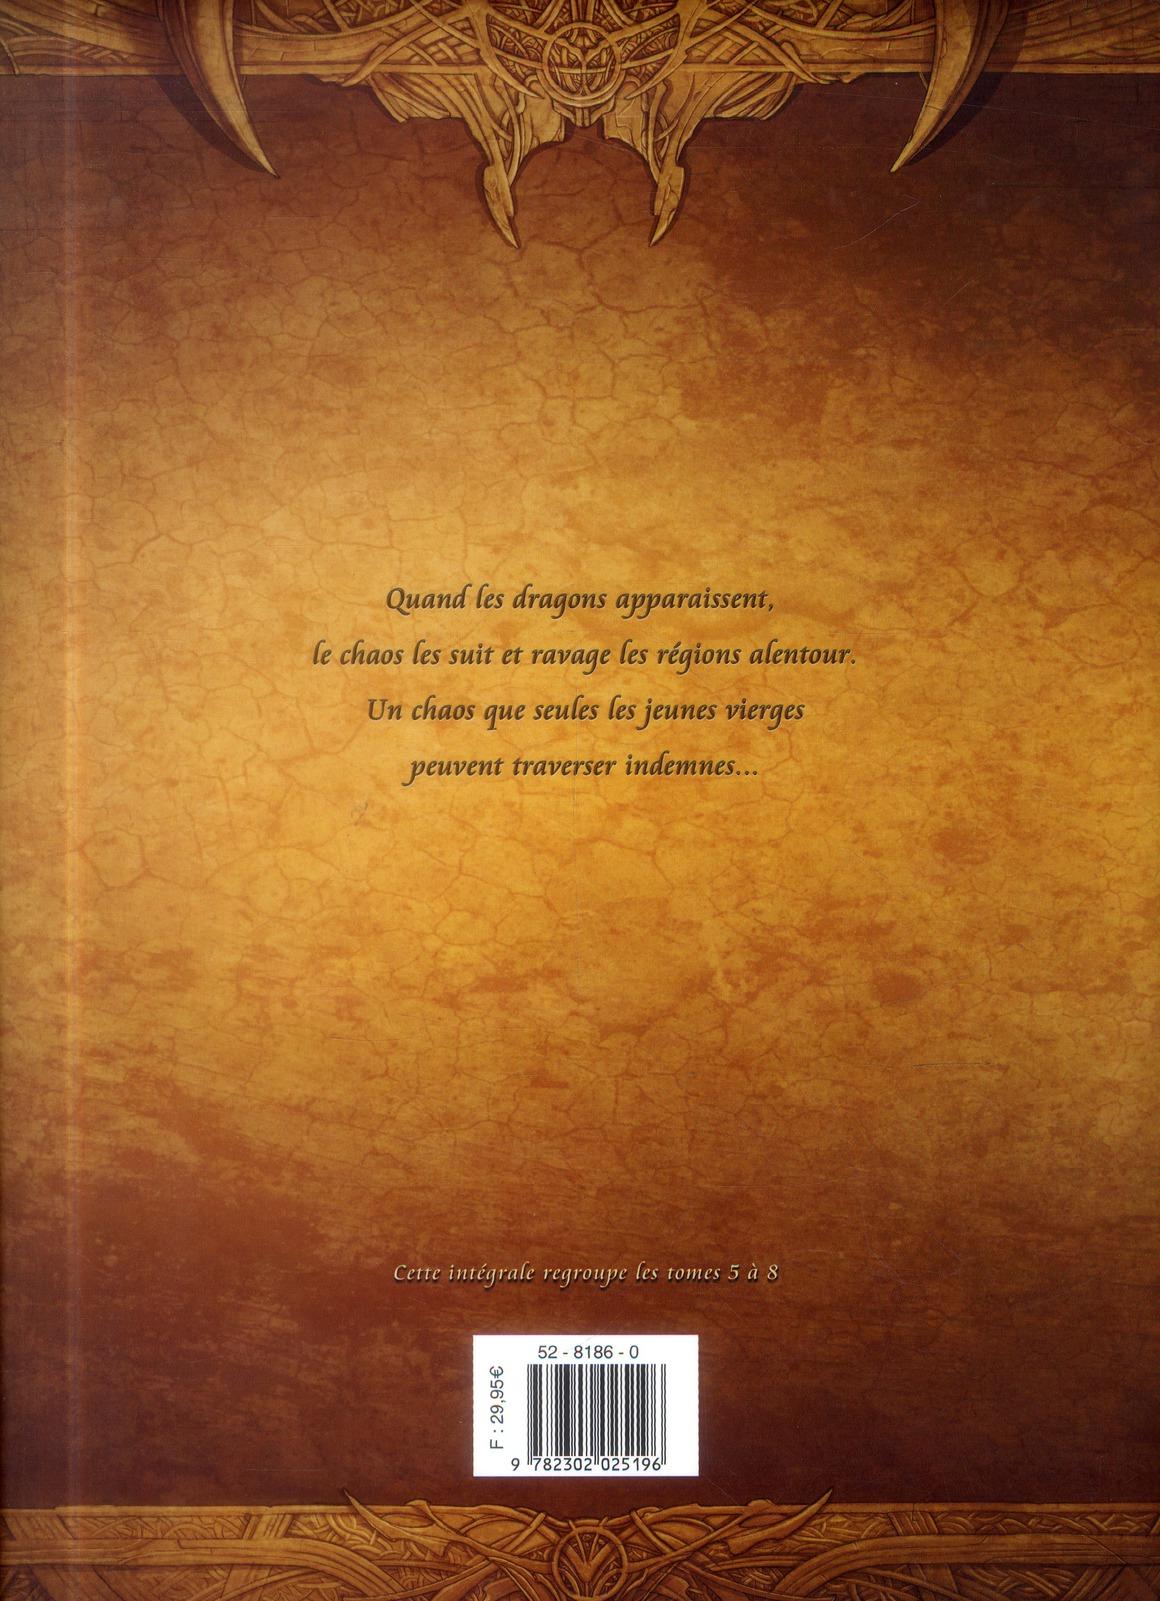 La geste des chevaliers dragons ; INTEGRALE VOL.2 ; T.5 A T.8